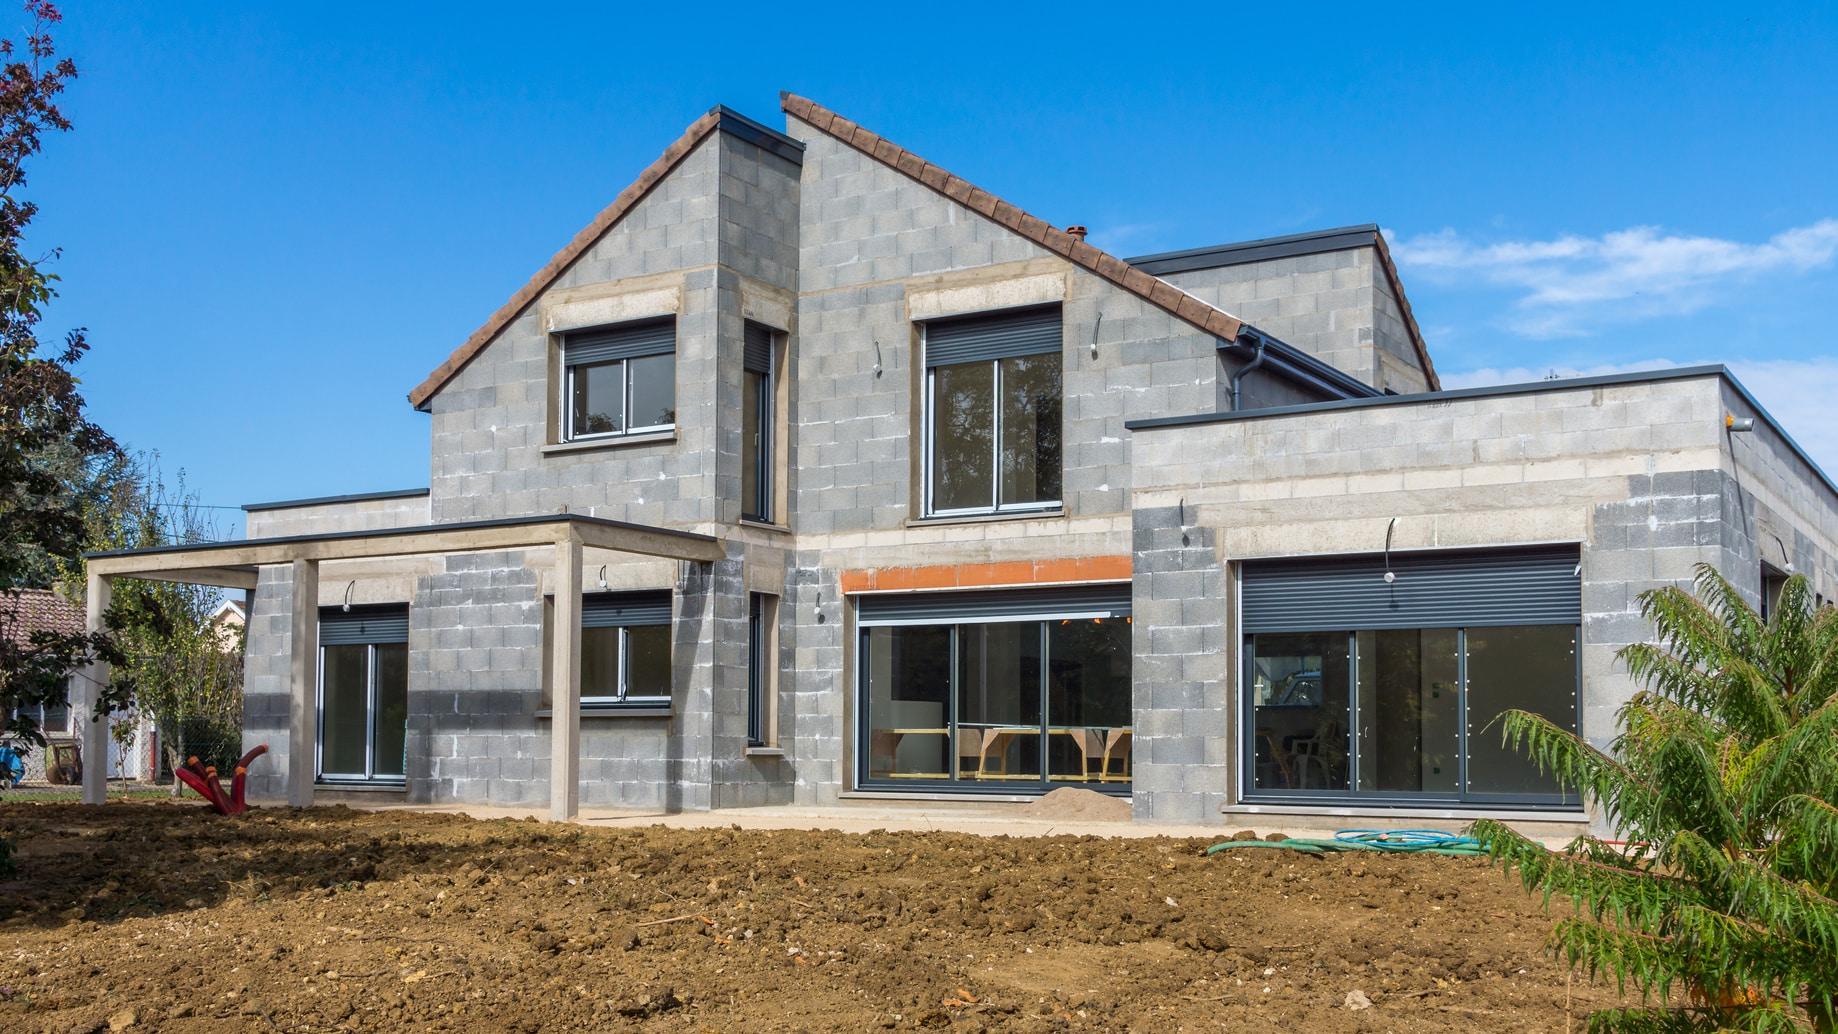 Assurer la s curit autour de votre chantier passions maison for Assurance chantier construction maison